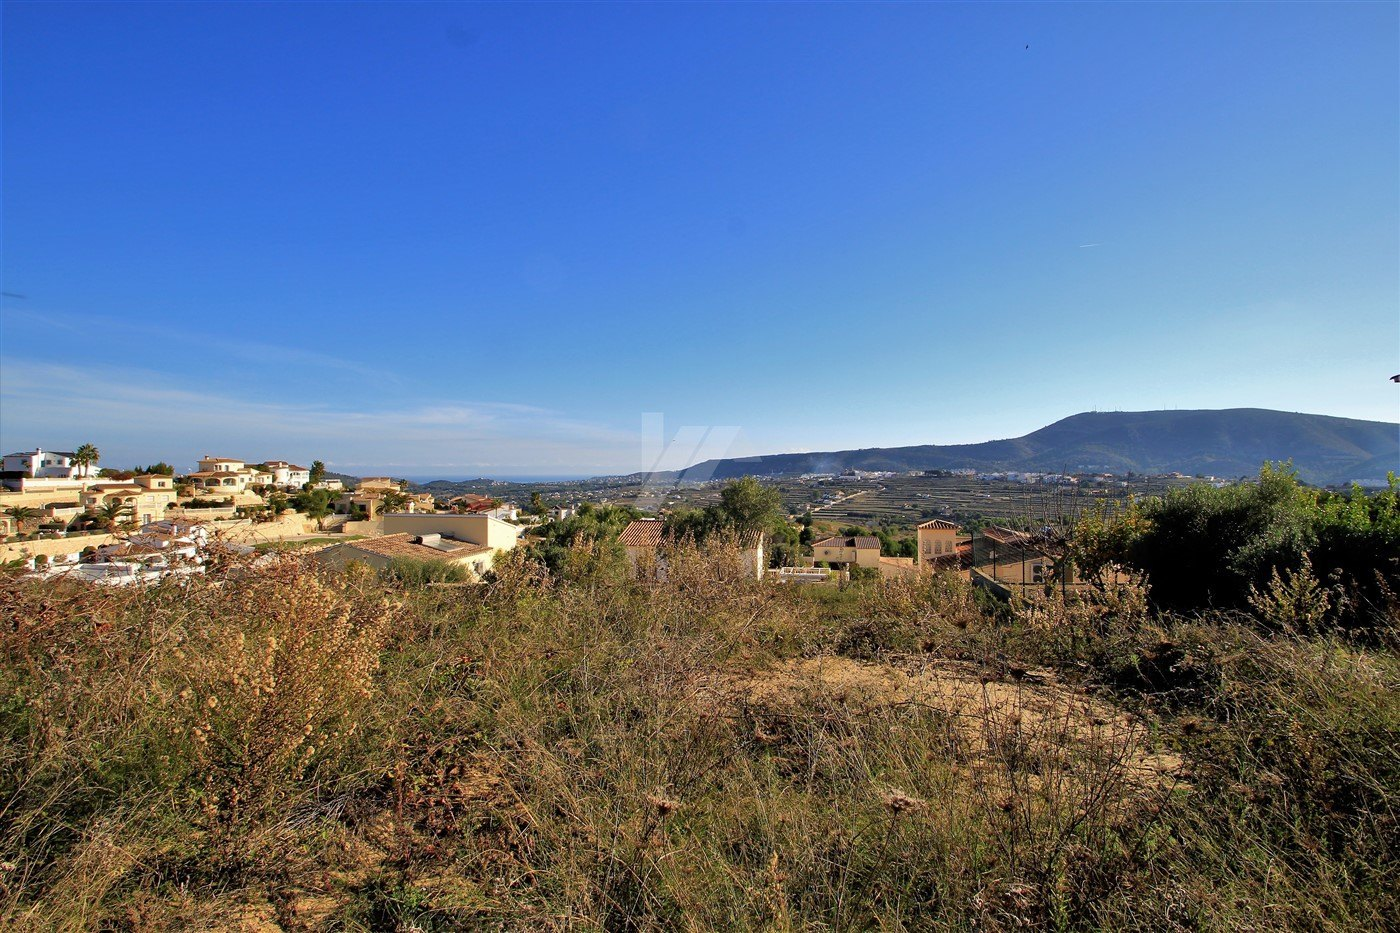 Grundstück mit Meerblick zum Verkauf in Benitachell, Costa Blanca.